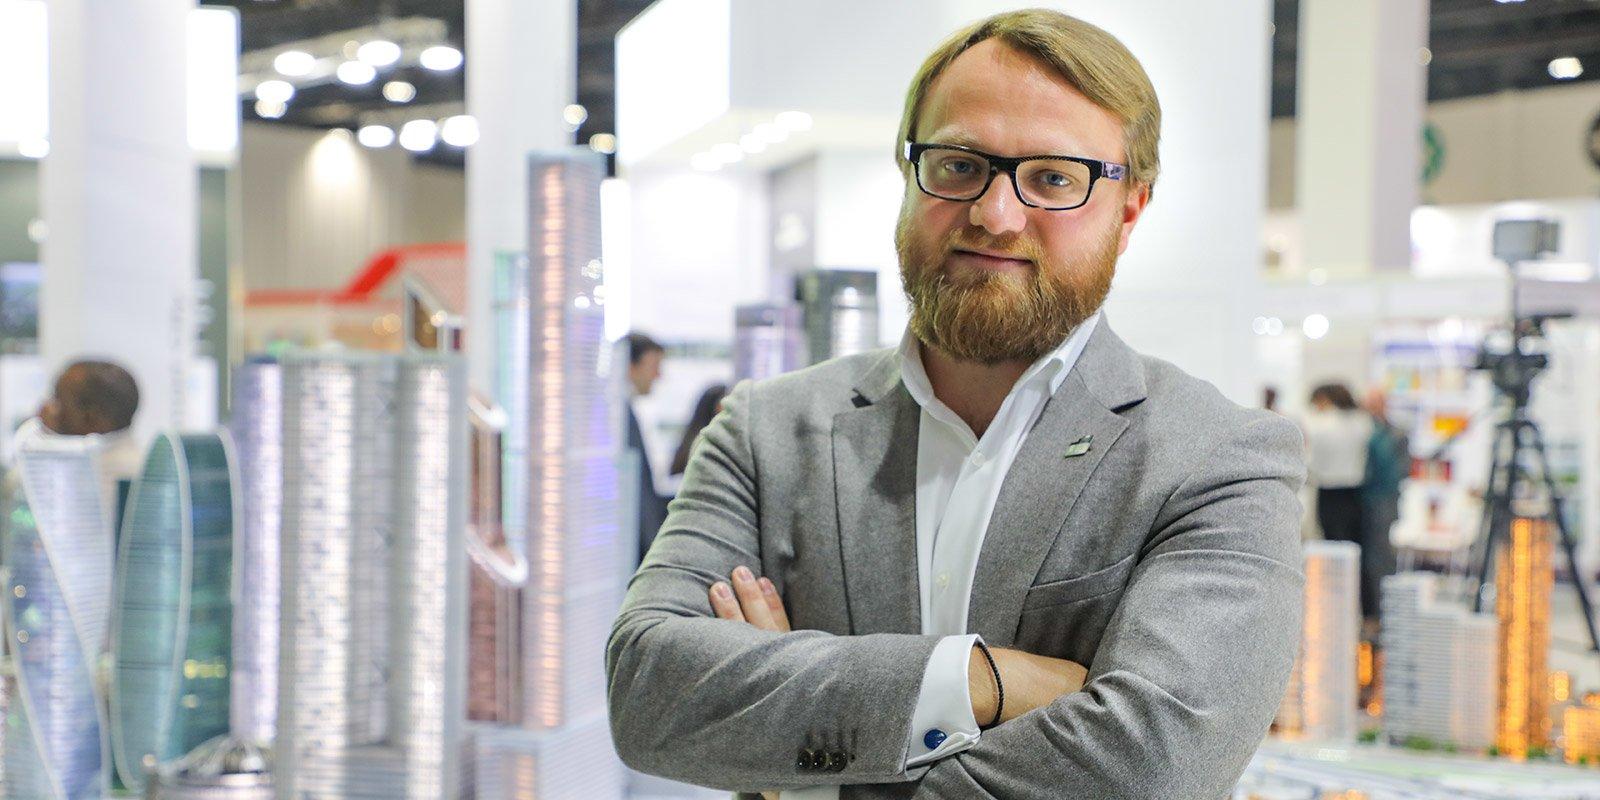 Денис Бойков, генеральный директор Московского урбанистического форума